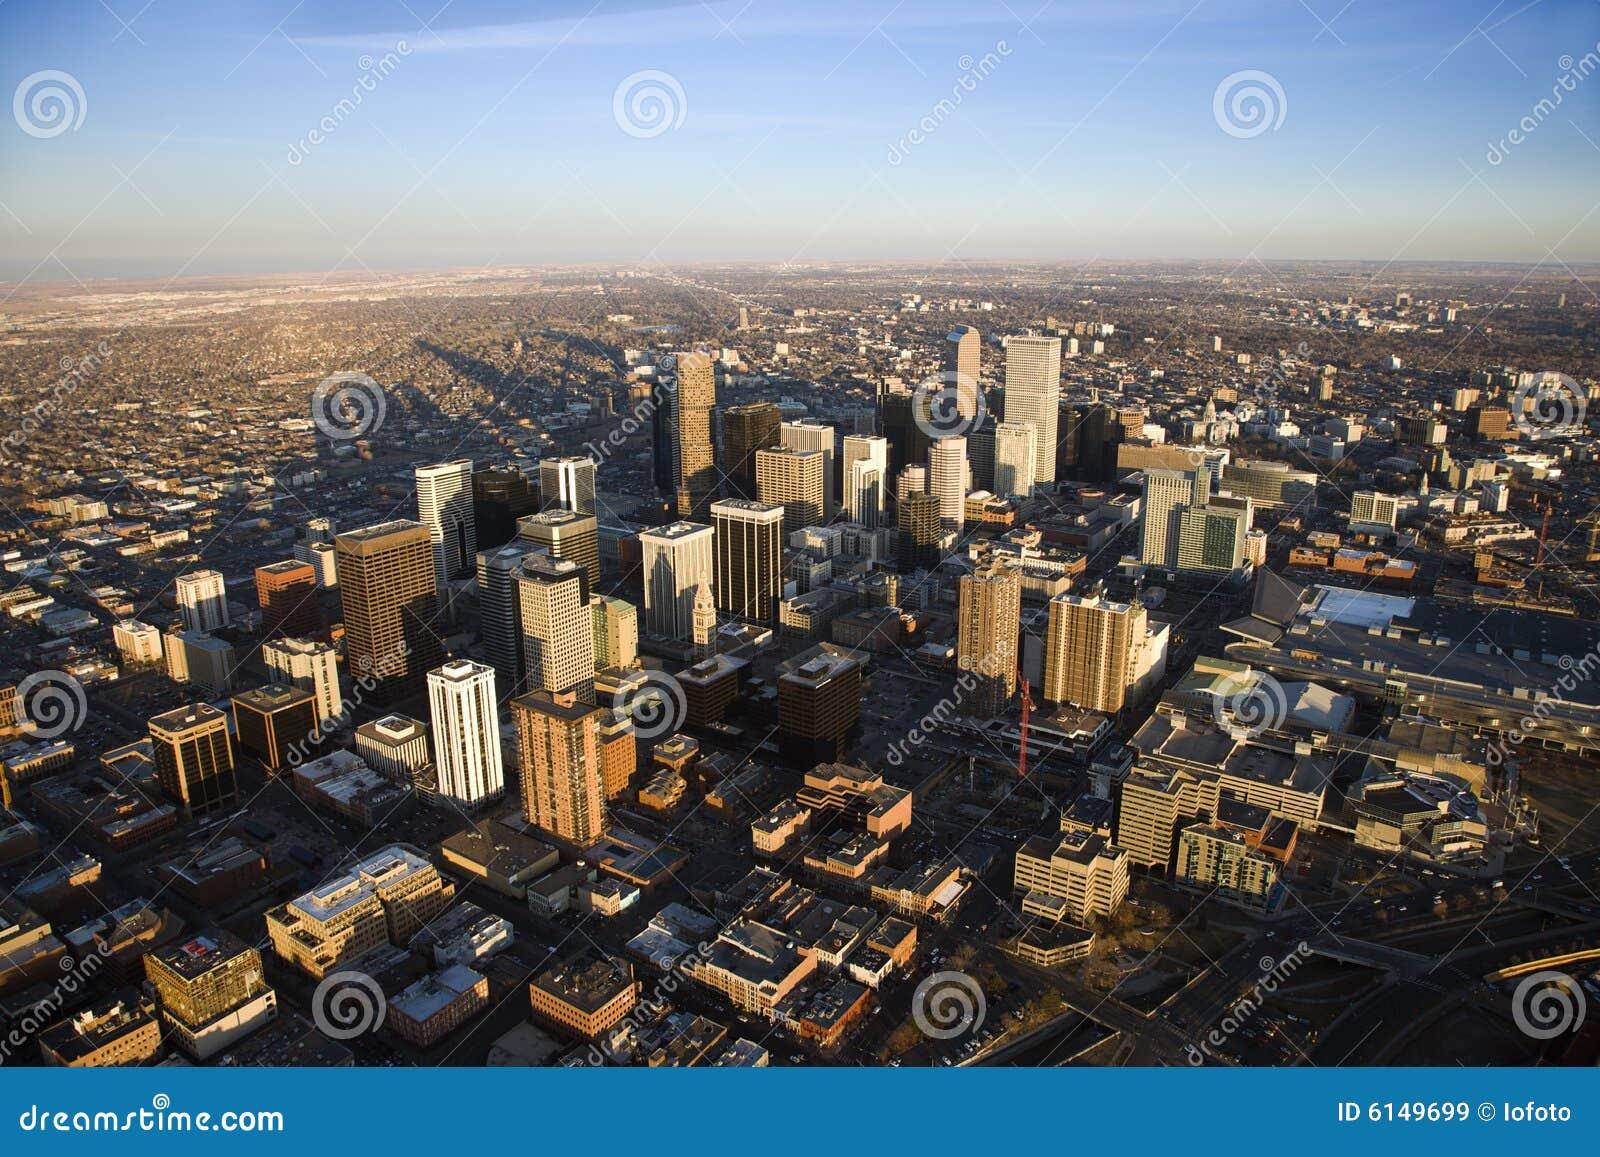 Arquitectura da cidade de Denver, Colorado, EUA.